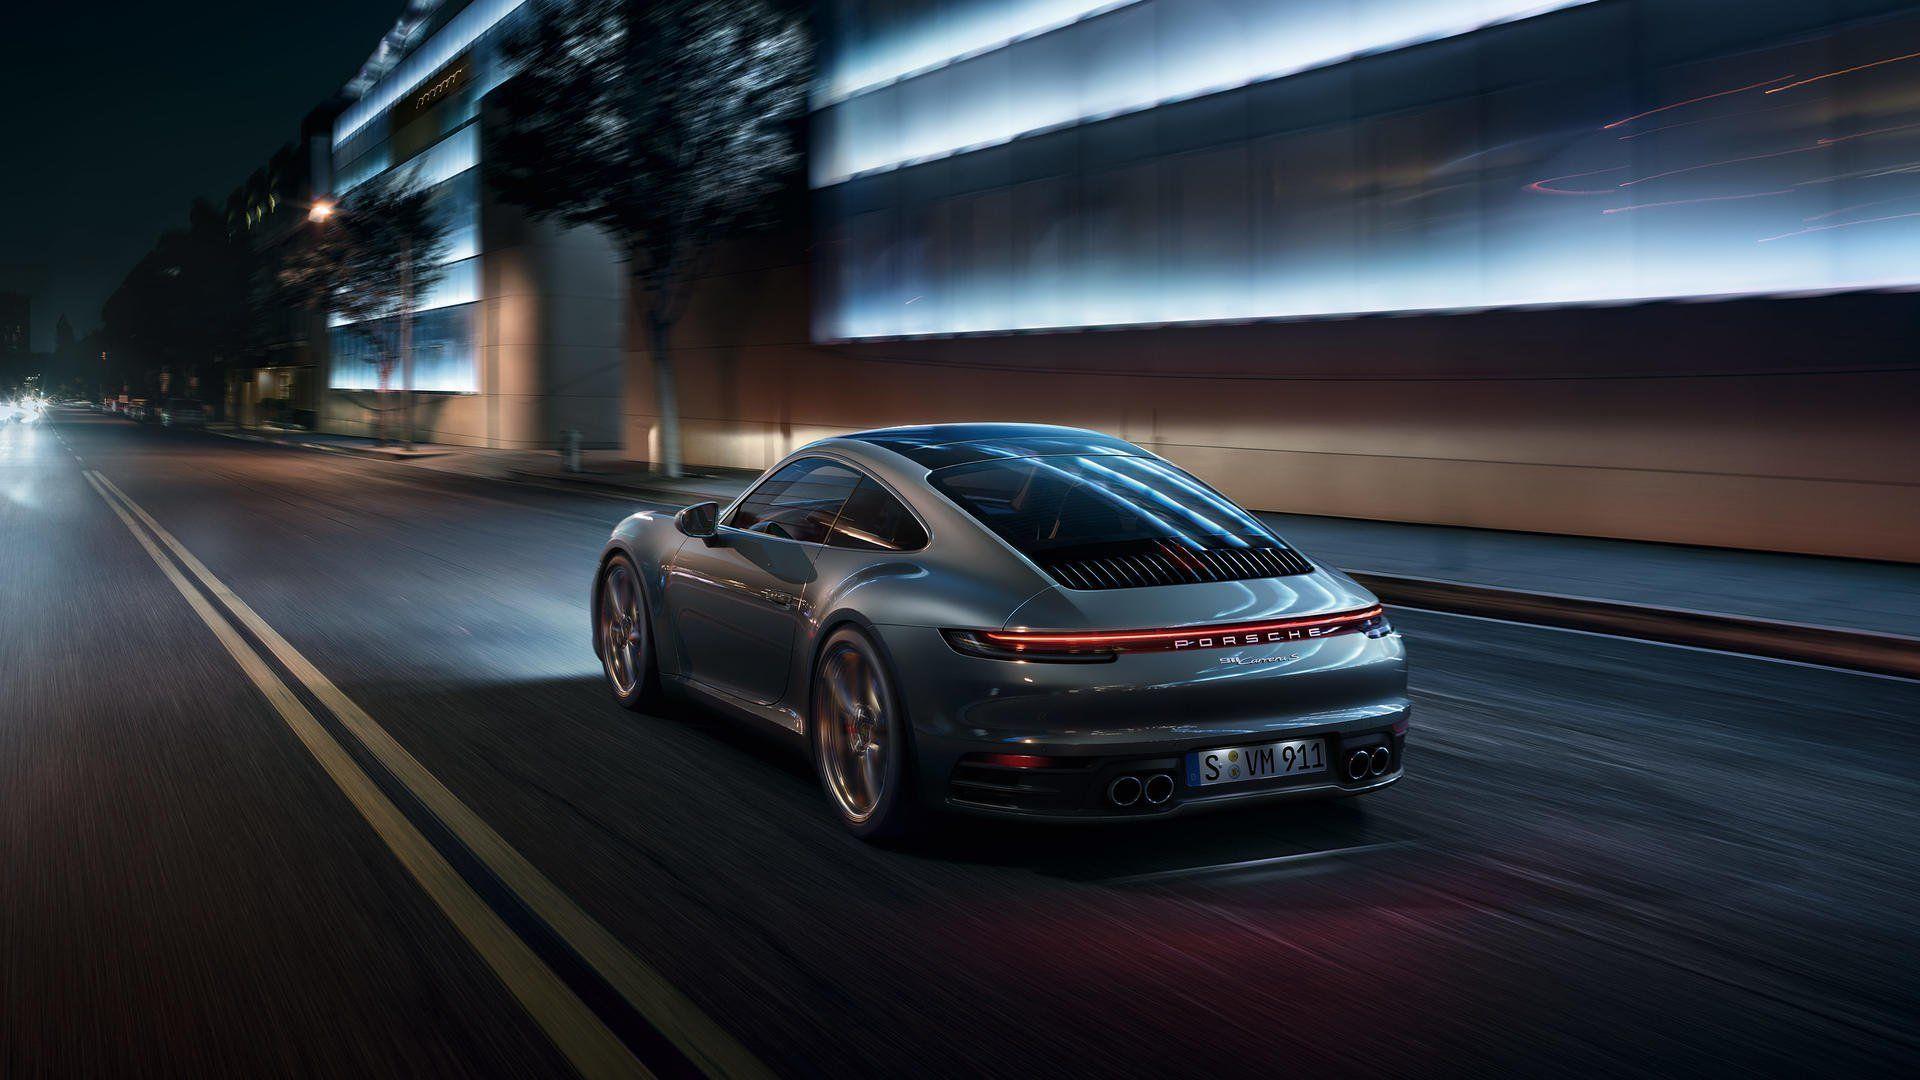 New Porsche Wallpapers Top Free New Porsche Backgrounds Wallpaperaccess